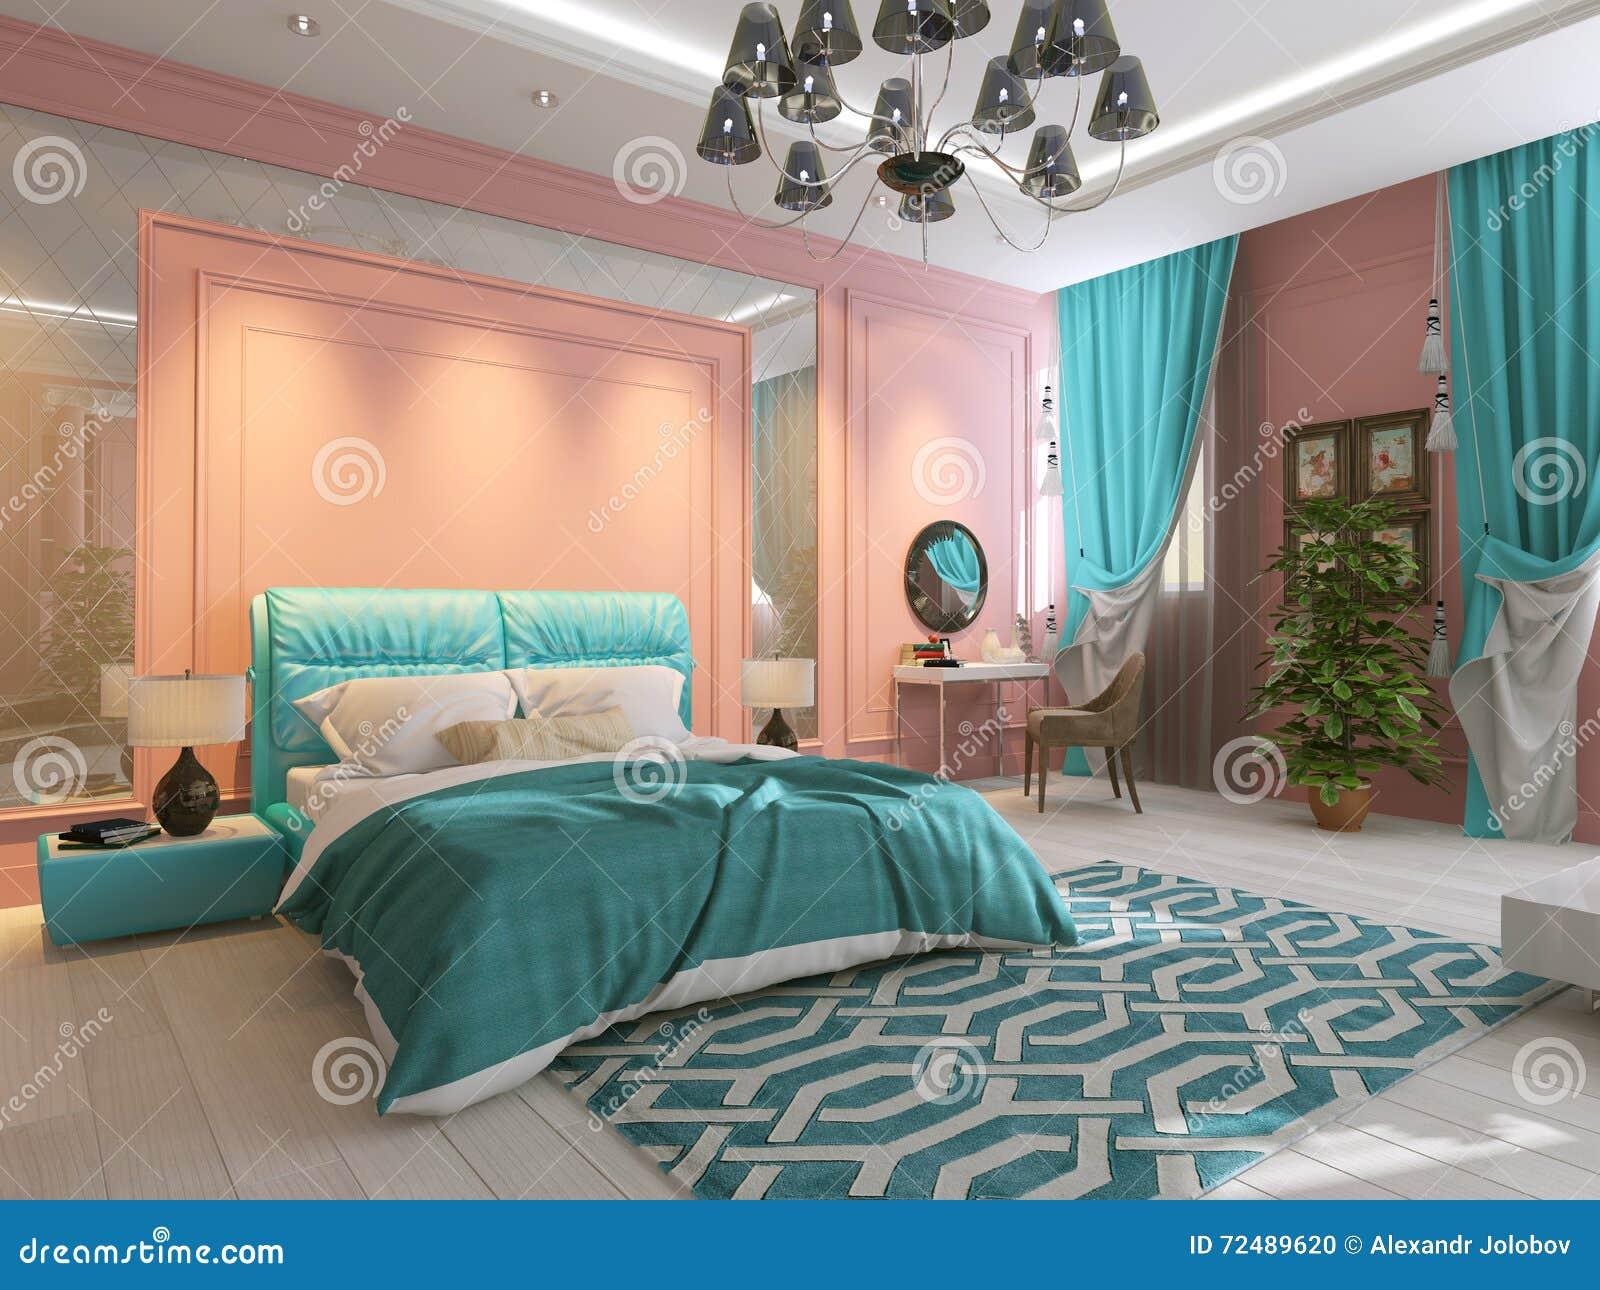 Pareti Rosa Camera Da Letto : Interiore della camera da letto nel colore rosa fotografia stock